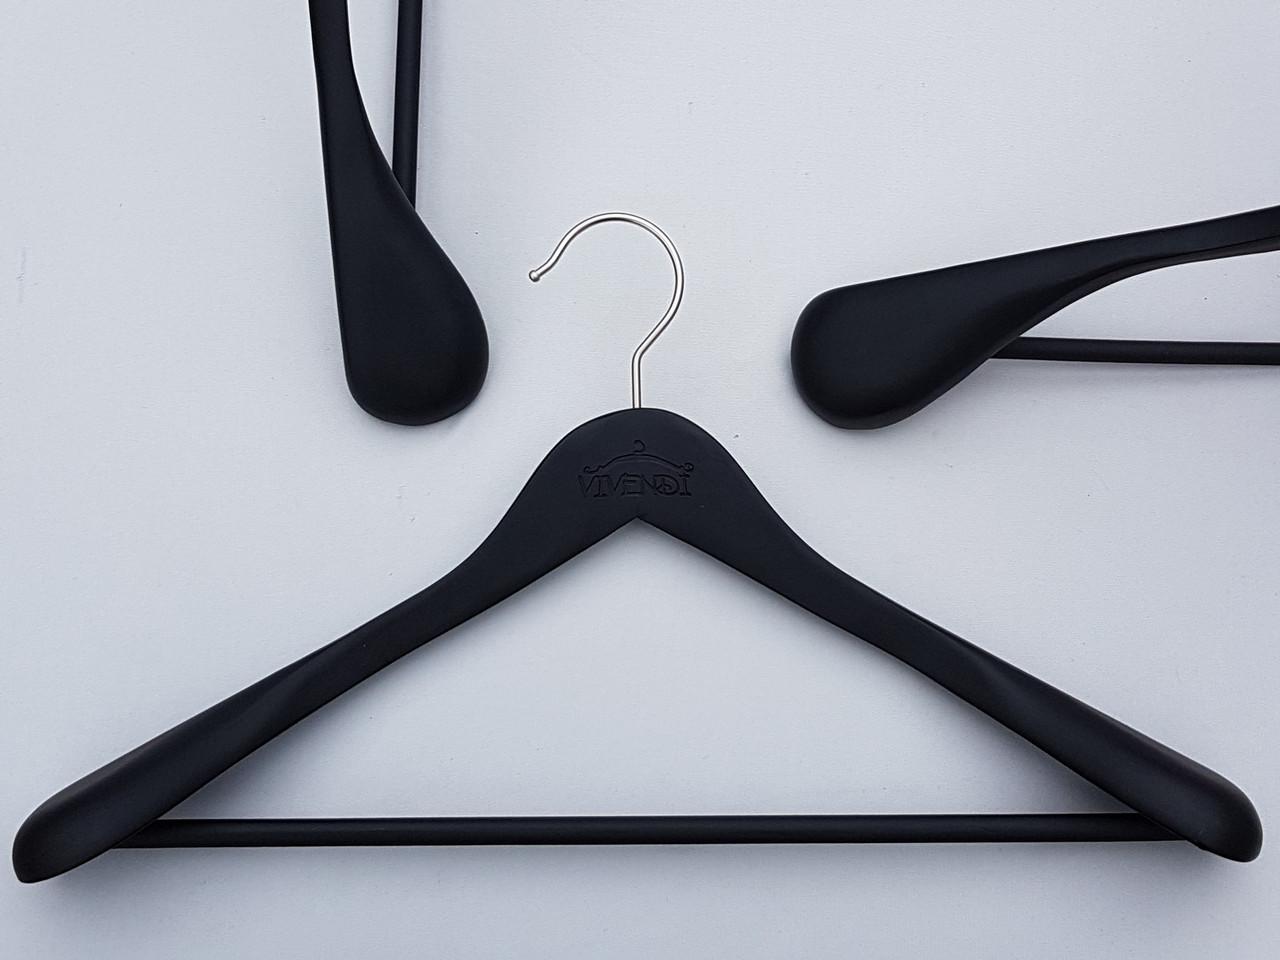 Длина 45 см. Плечики вешалки тремпеля деревянные черного цвета широкие, покрытие  soft-touch